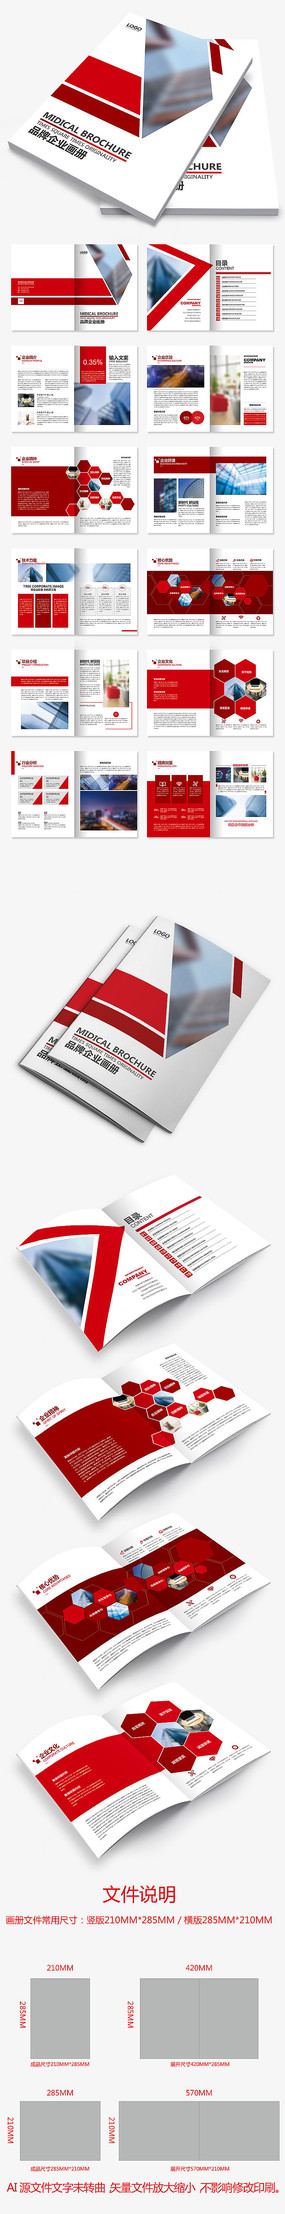 红色科技招商公司宣传册企业画册设计模板